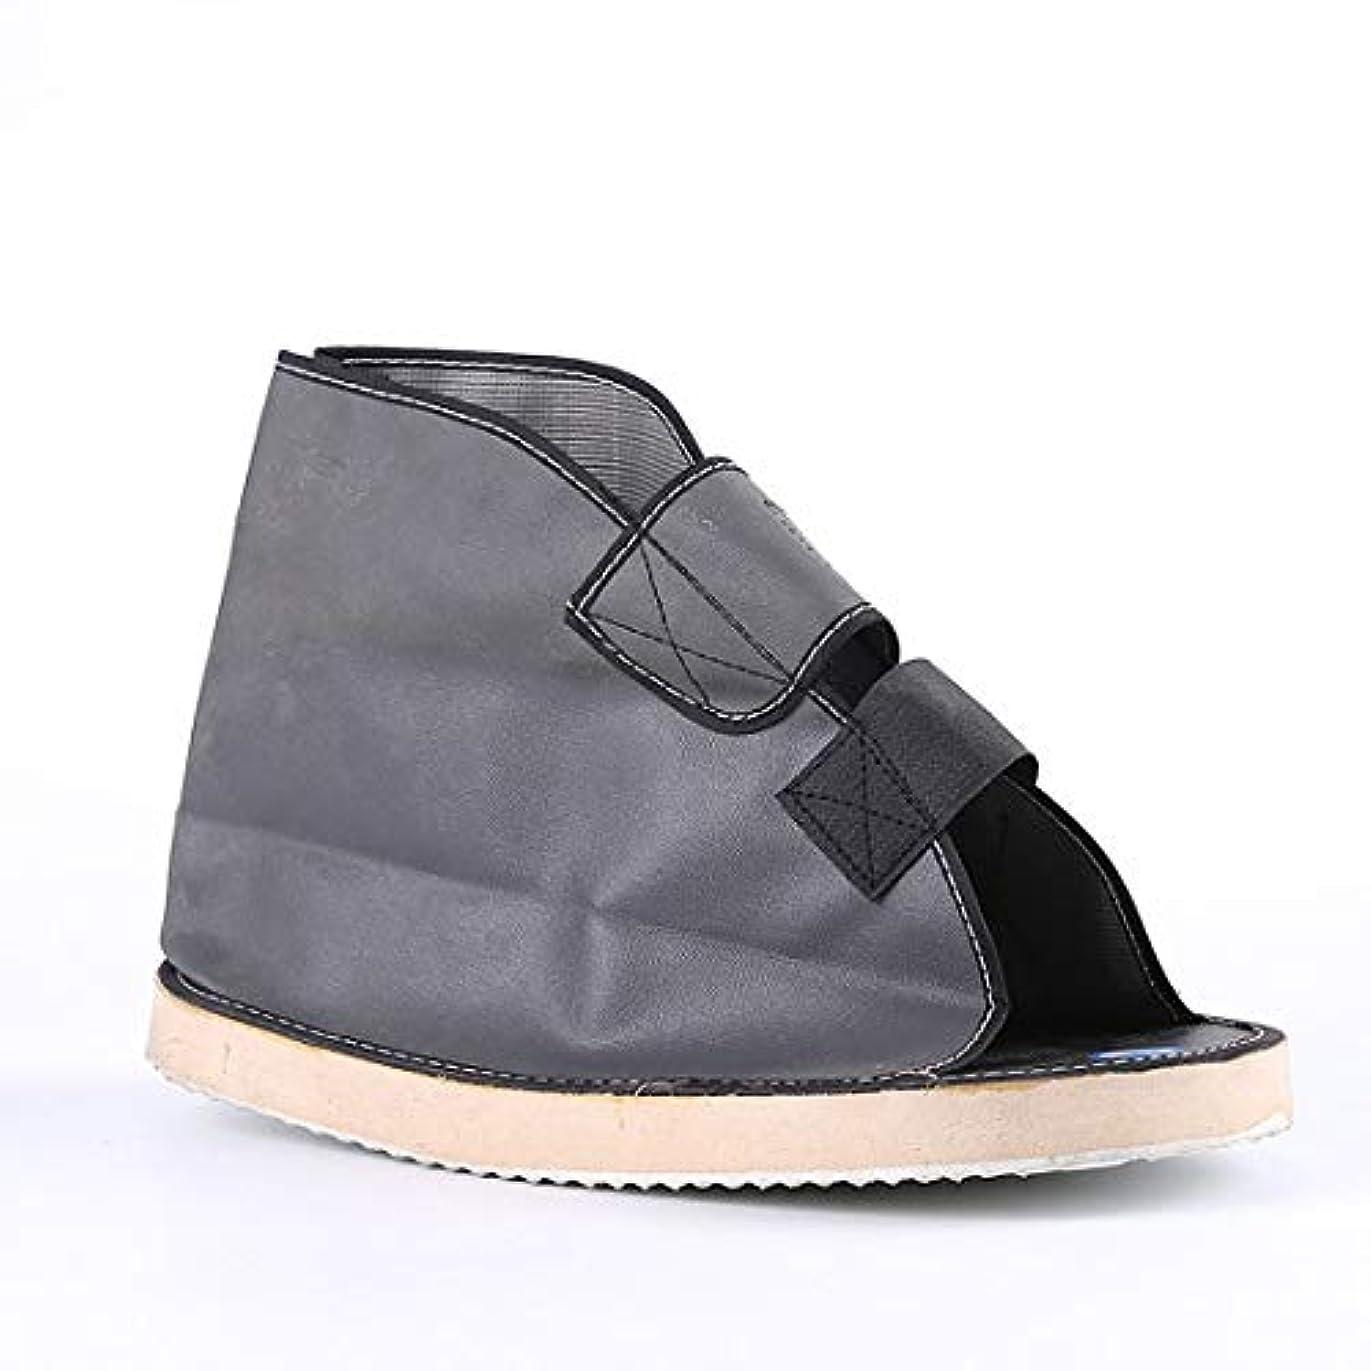 パンサー現れるミュート医療足骨折石膏の回復靴の手術後のつま先の靴を安定化骨折の靴を調整可能なファスナーで完全なカバー,L28.5*13cm